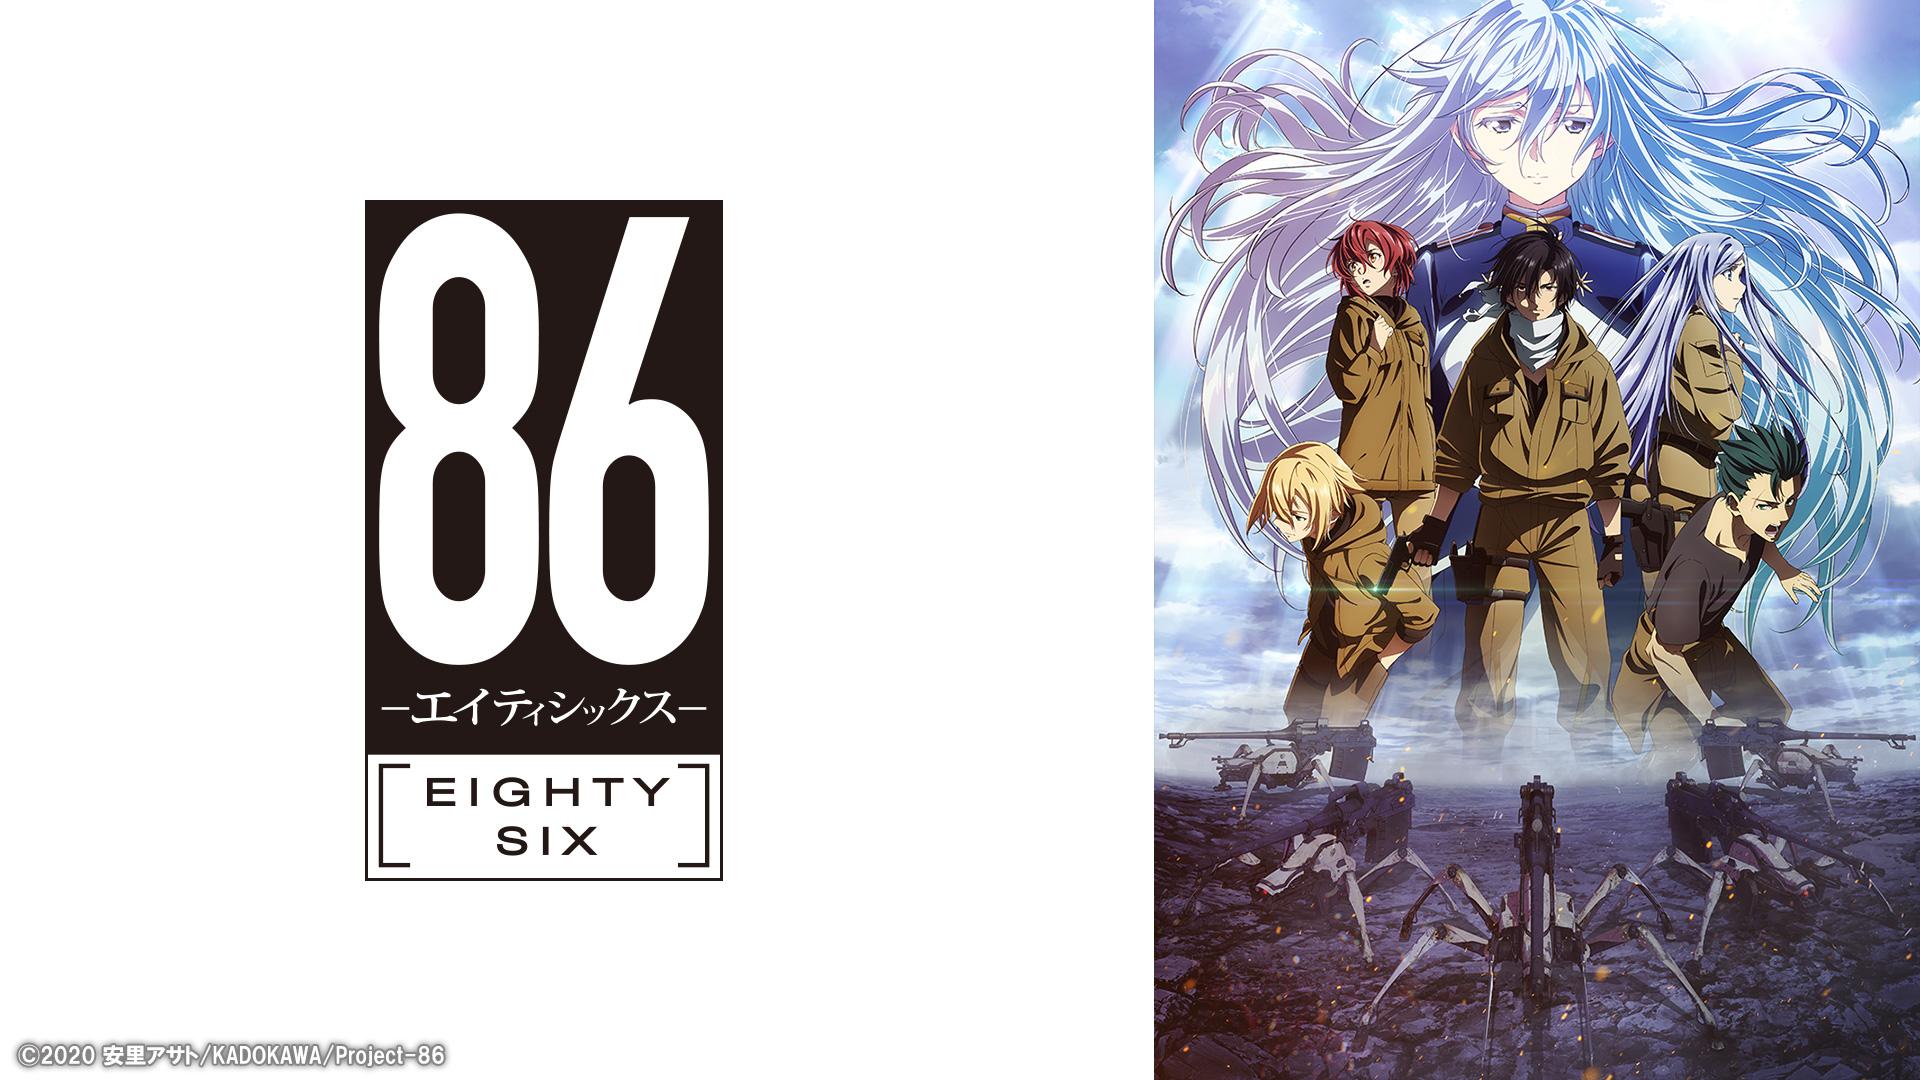 86-エイティシックス-